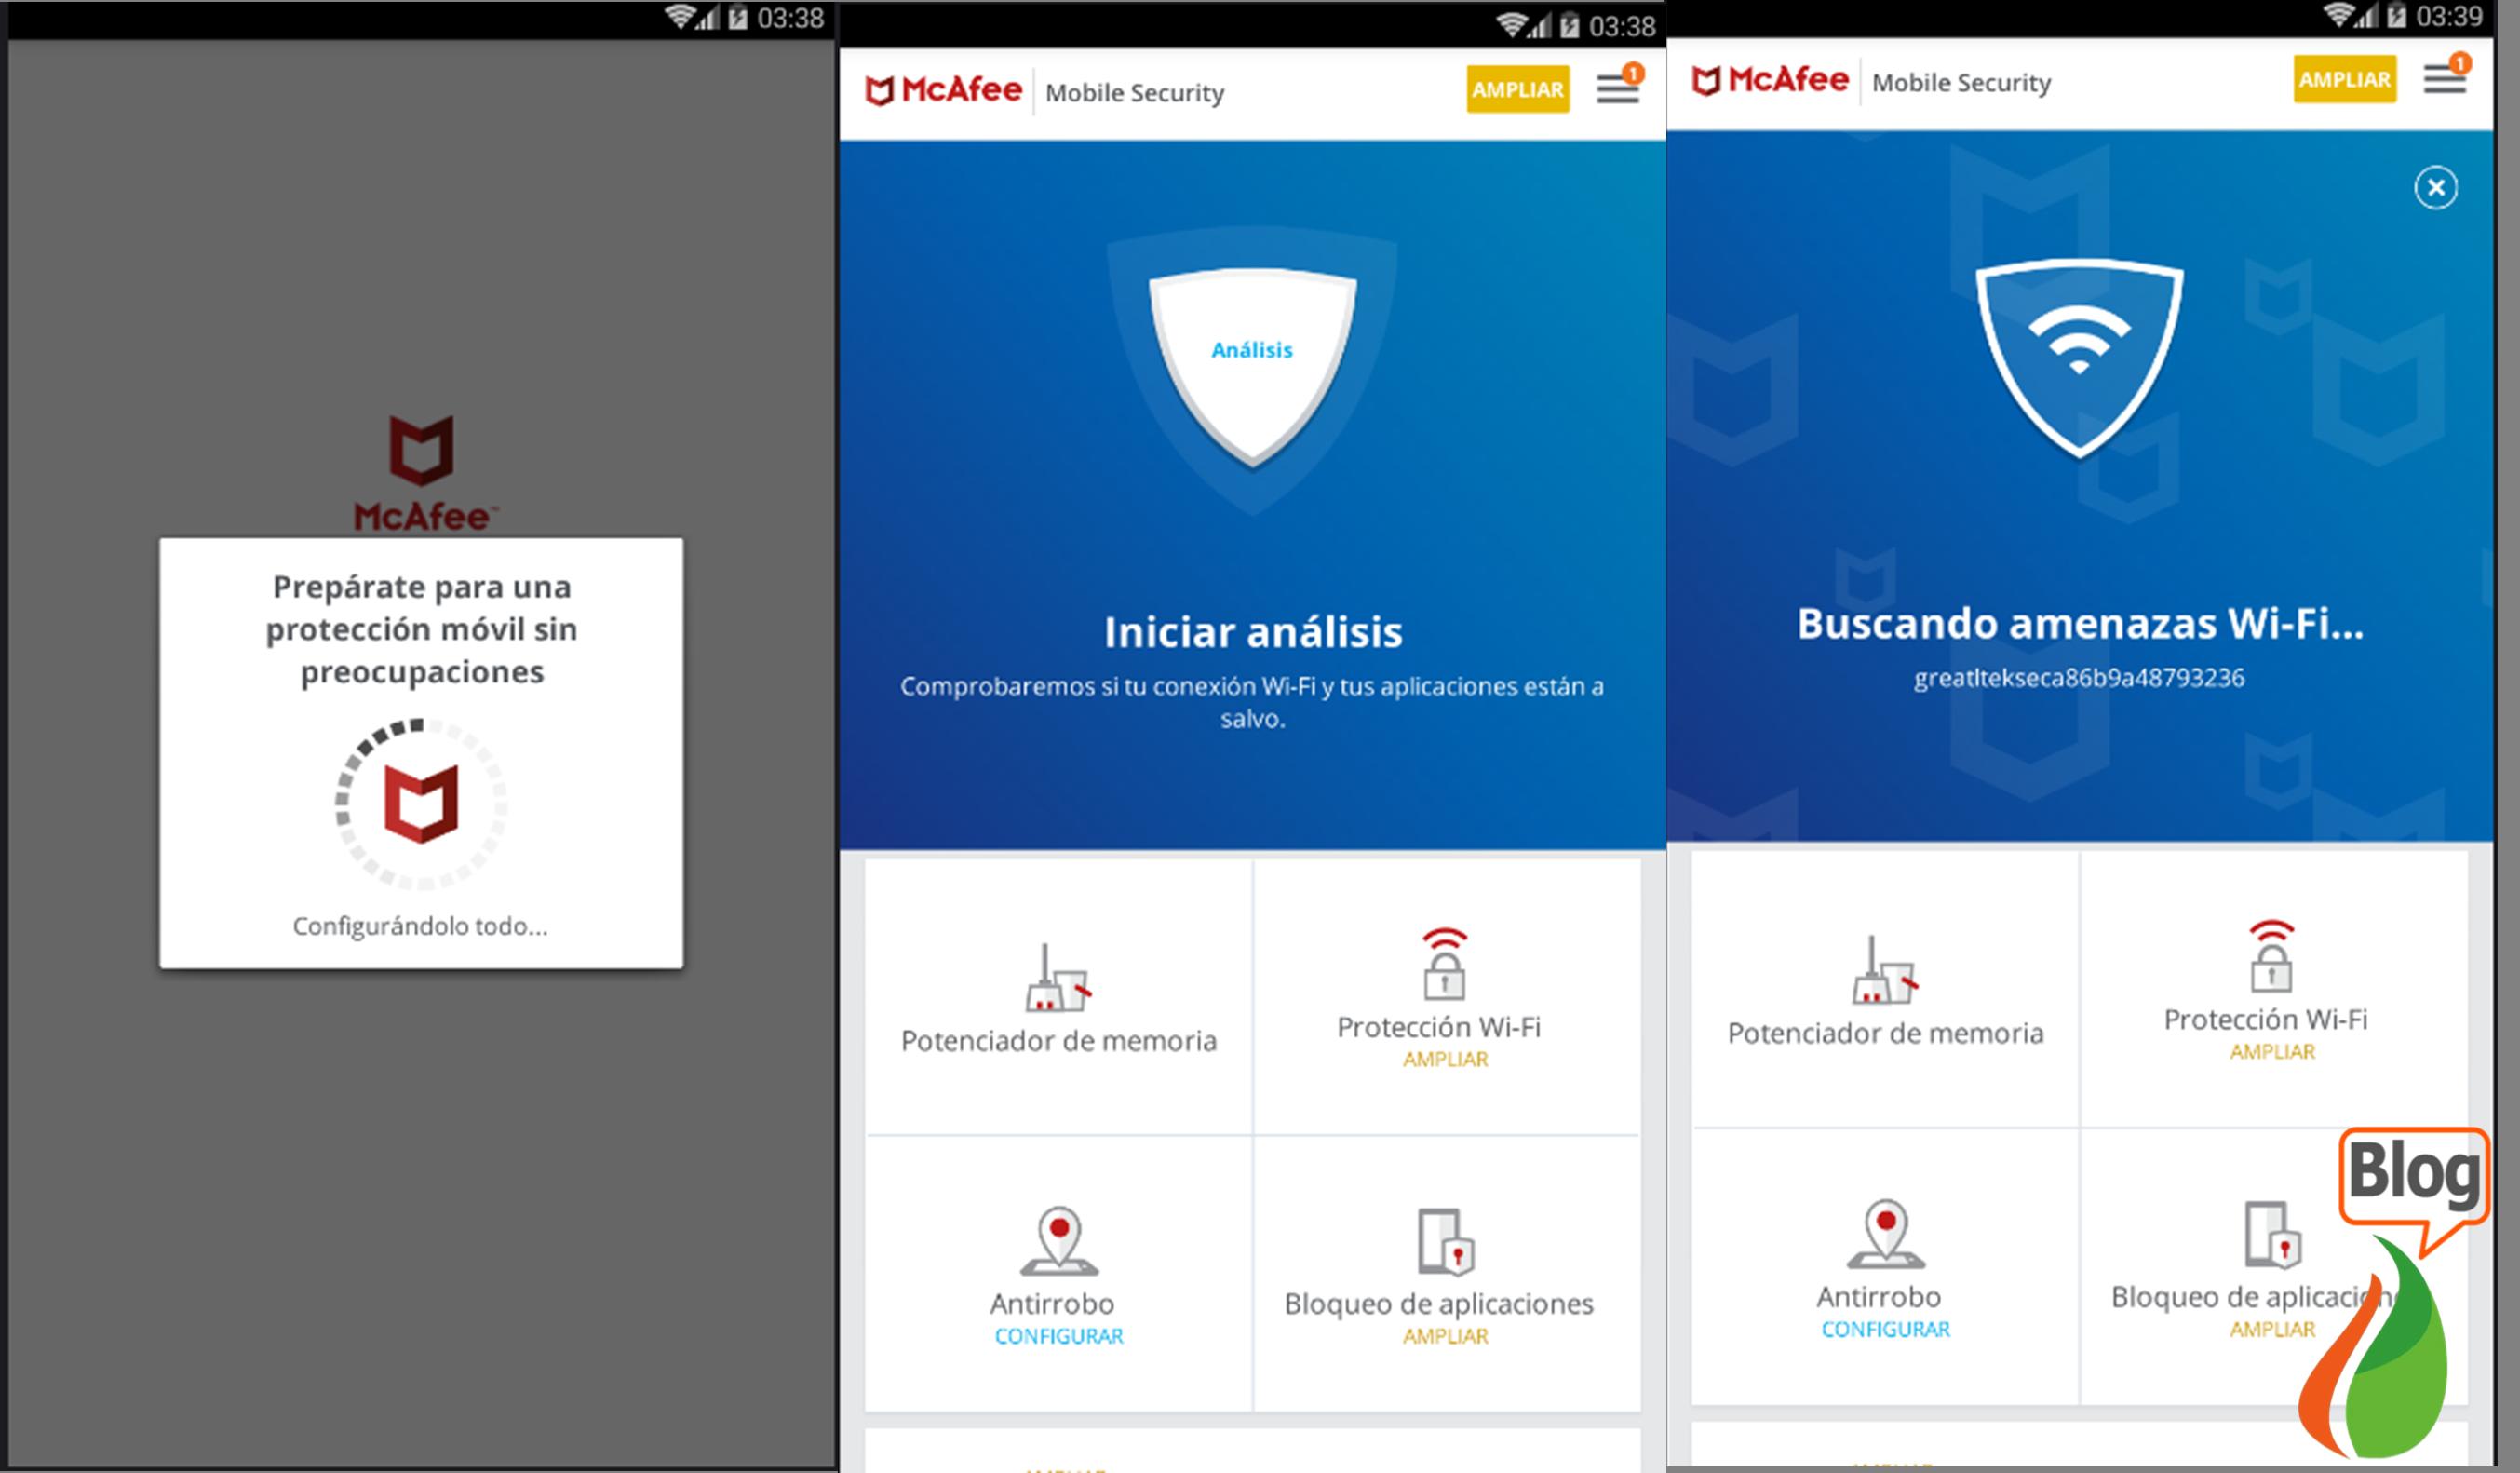 McAfee Mobile Security descargar Antivirus gratis para Android